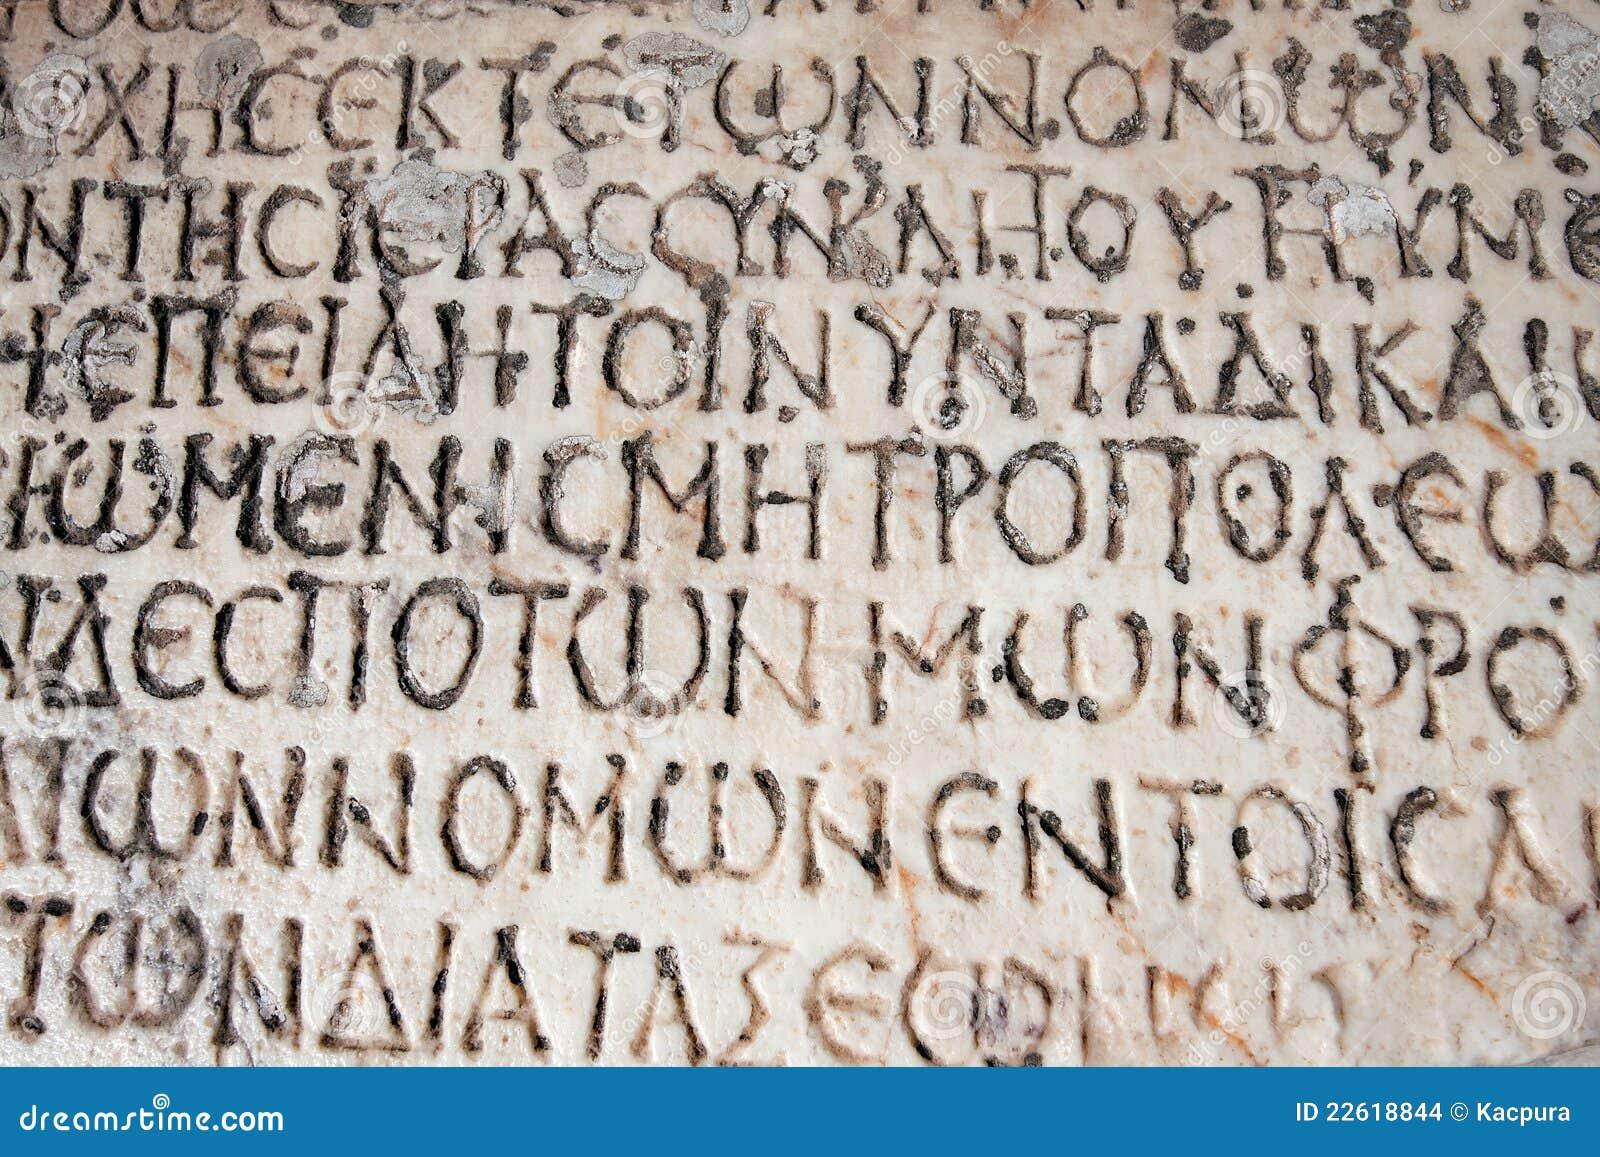 Old Latin Writing On Stone stock photo. Image of marble ...